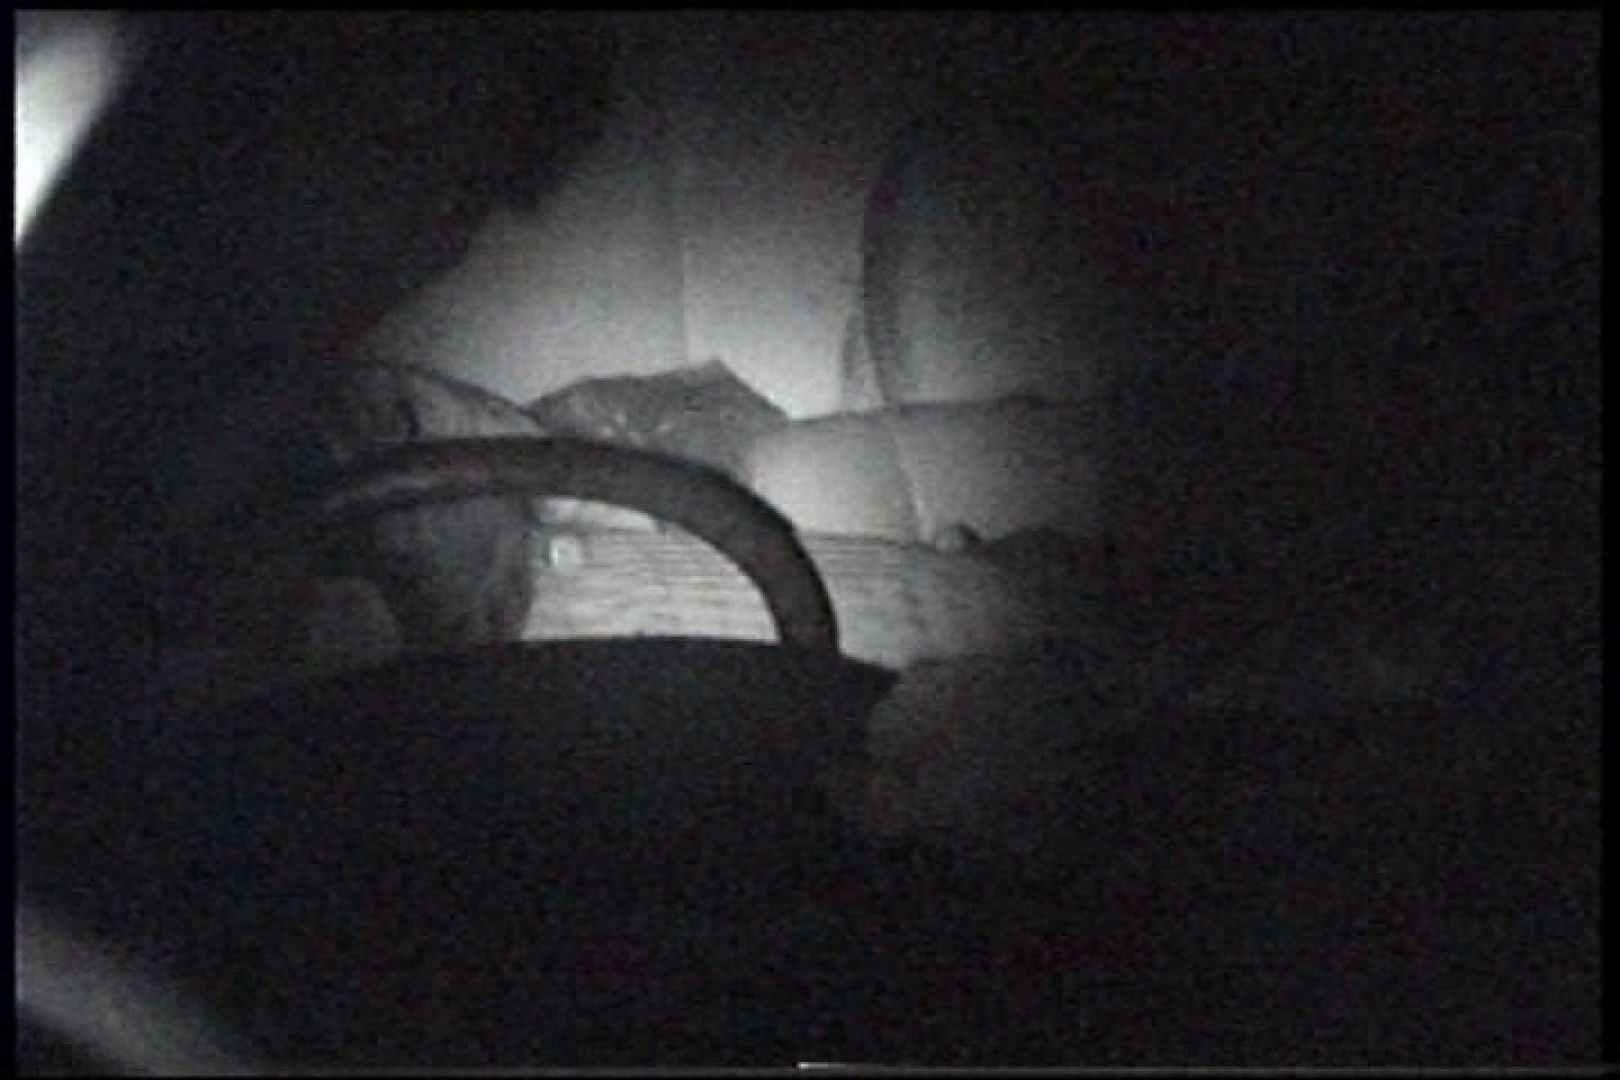 充血監督の深夜の運動会Vol.238 OLの実態   プライベート  90pic 19